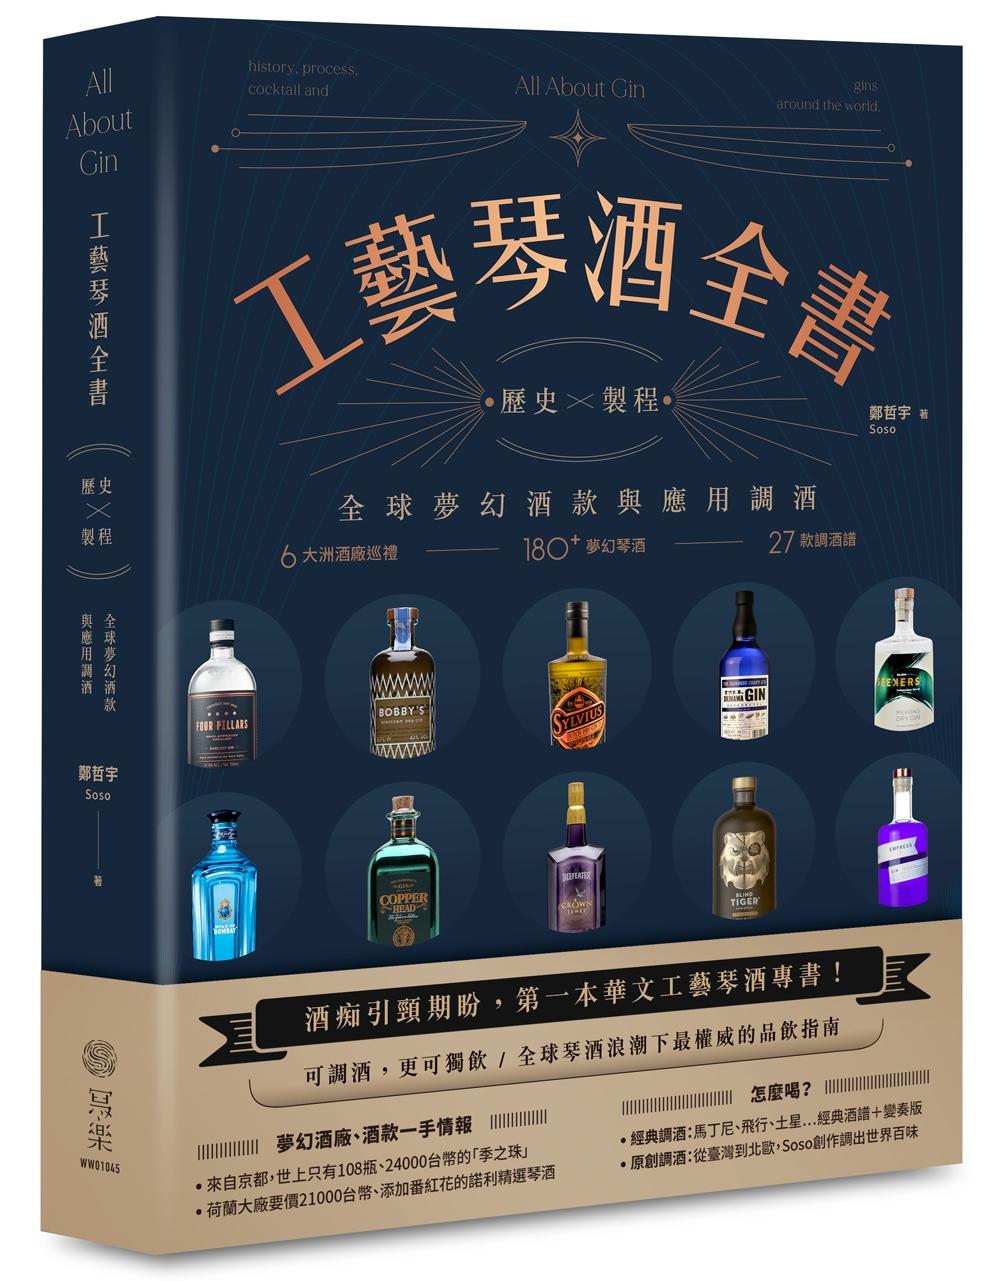 工藝琴酒全書(贈限量「世界琴酒地圖海報」):歷史、製程、全球夢幻酒款與應用調酒